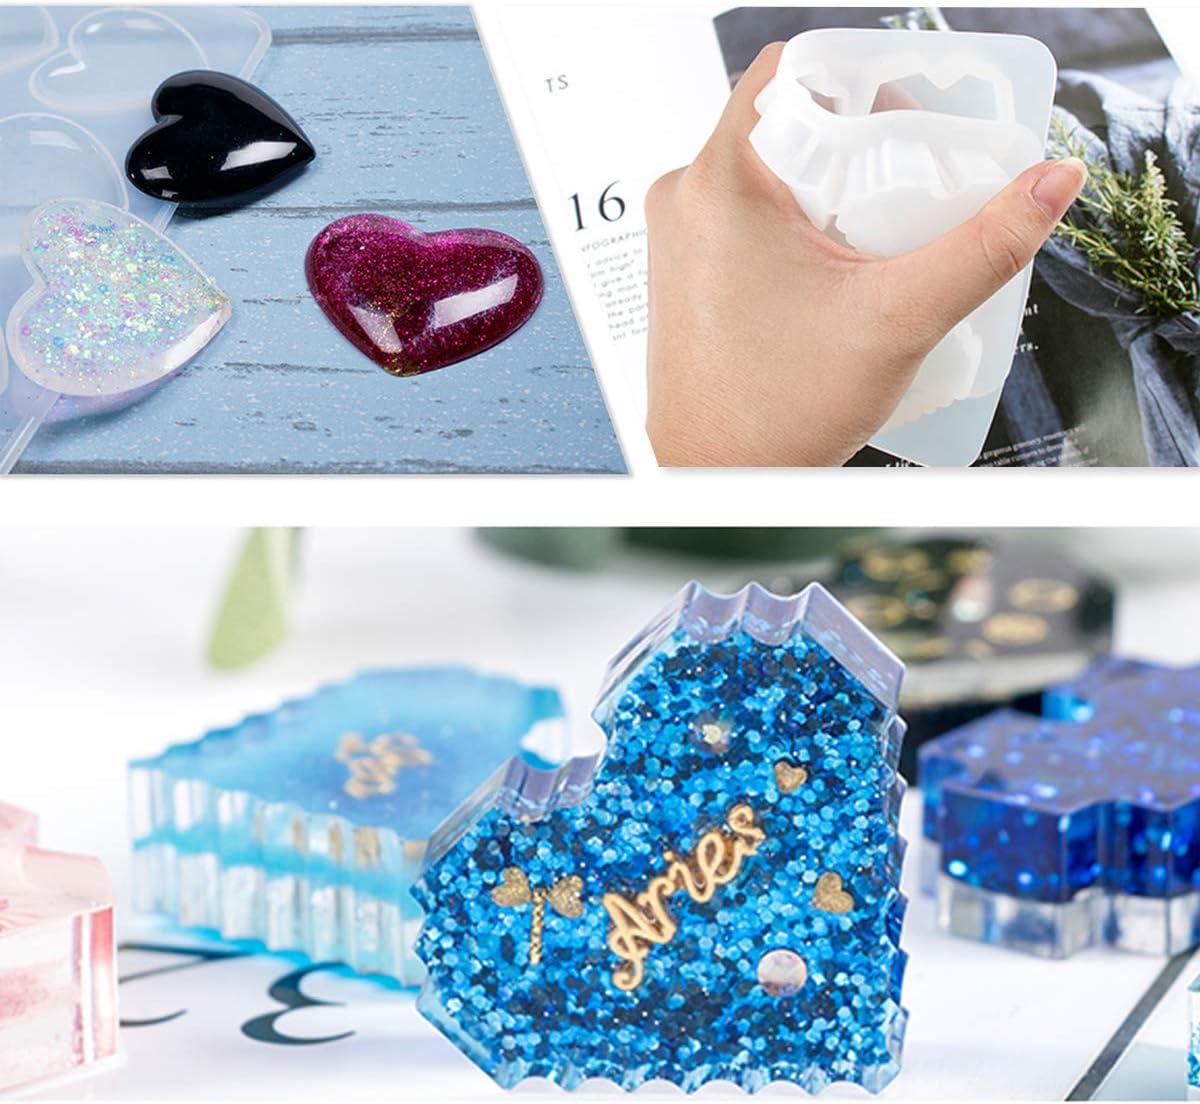 9 grilles + Pixels iSuperb Moule en Silicone R/ésine Moule pour Bijoux Forme de c/œur DIY Outils Resin Molds